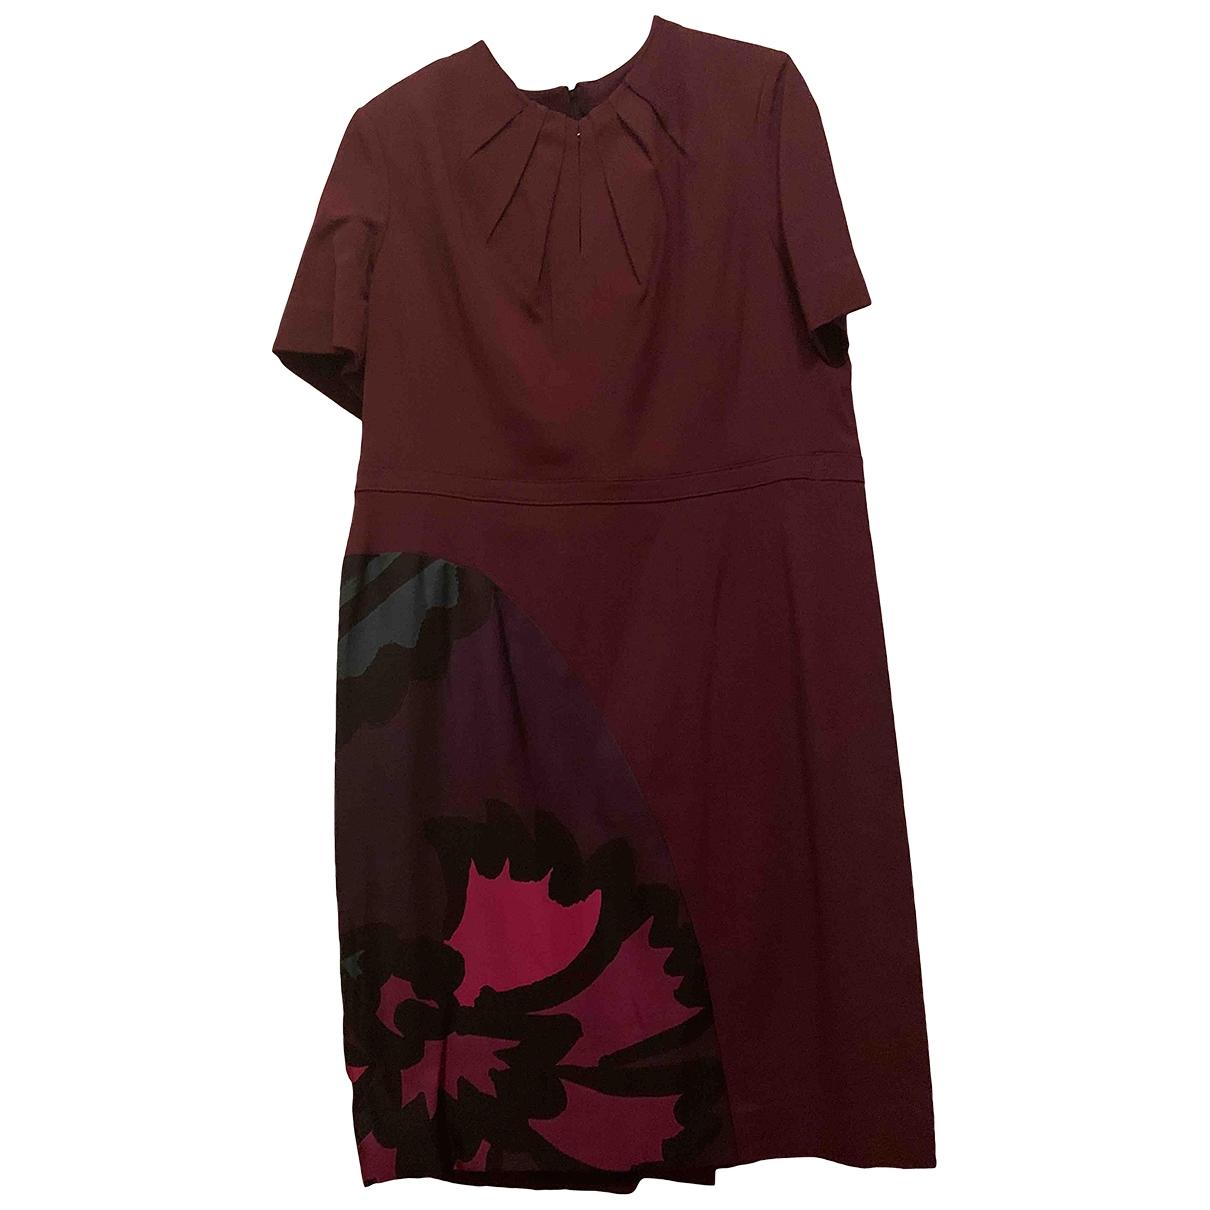 Burberry \N Kleid in  Braun Seide